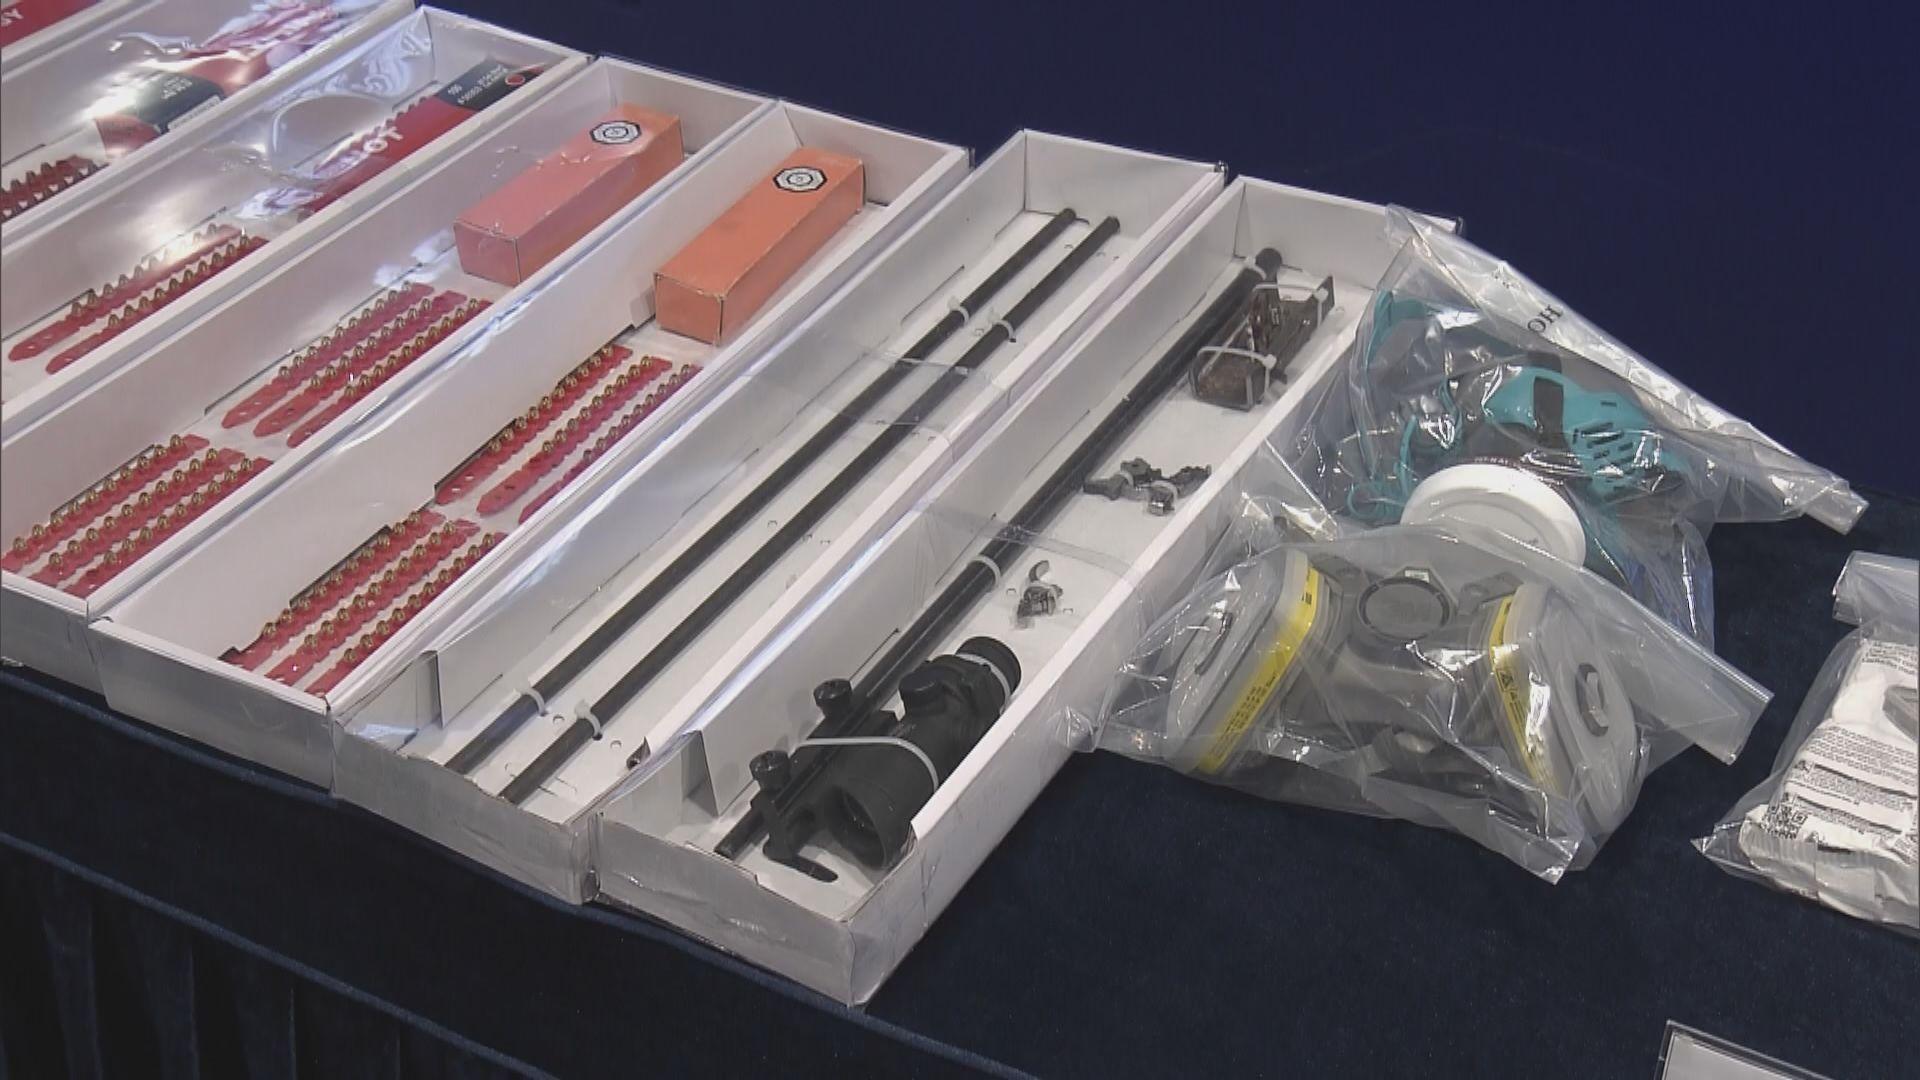 警方檢獲一批爆炸品原材料 稱不排除有人想在七一犯案